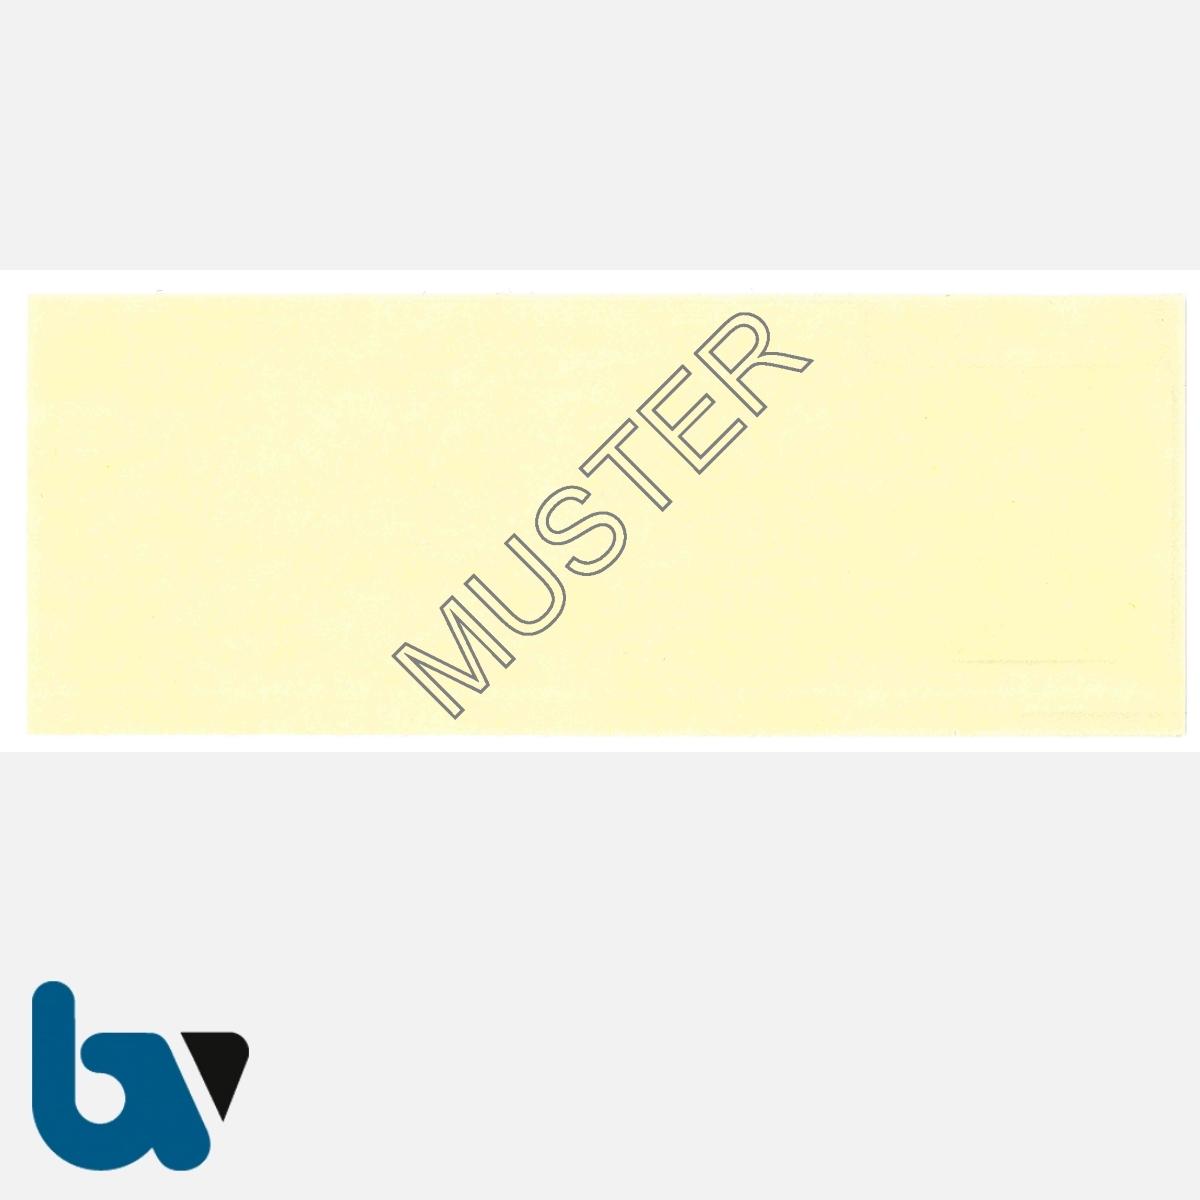 0/685-20 Foto Unterschrift Aufkleber EU-einheitlicher Parkausweis Ausnahmegenehmigung Parkerleichterungen europäisch blau behinderte Menschen Passbild RS | Borgard Verlag GmbH